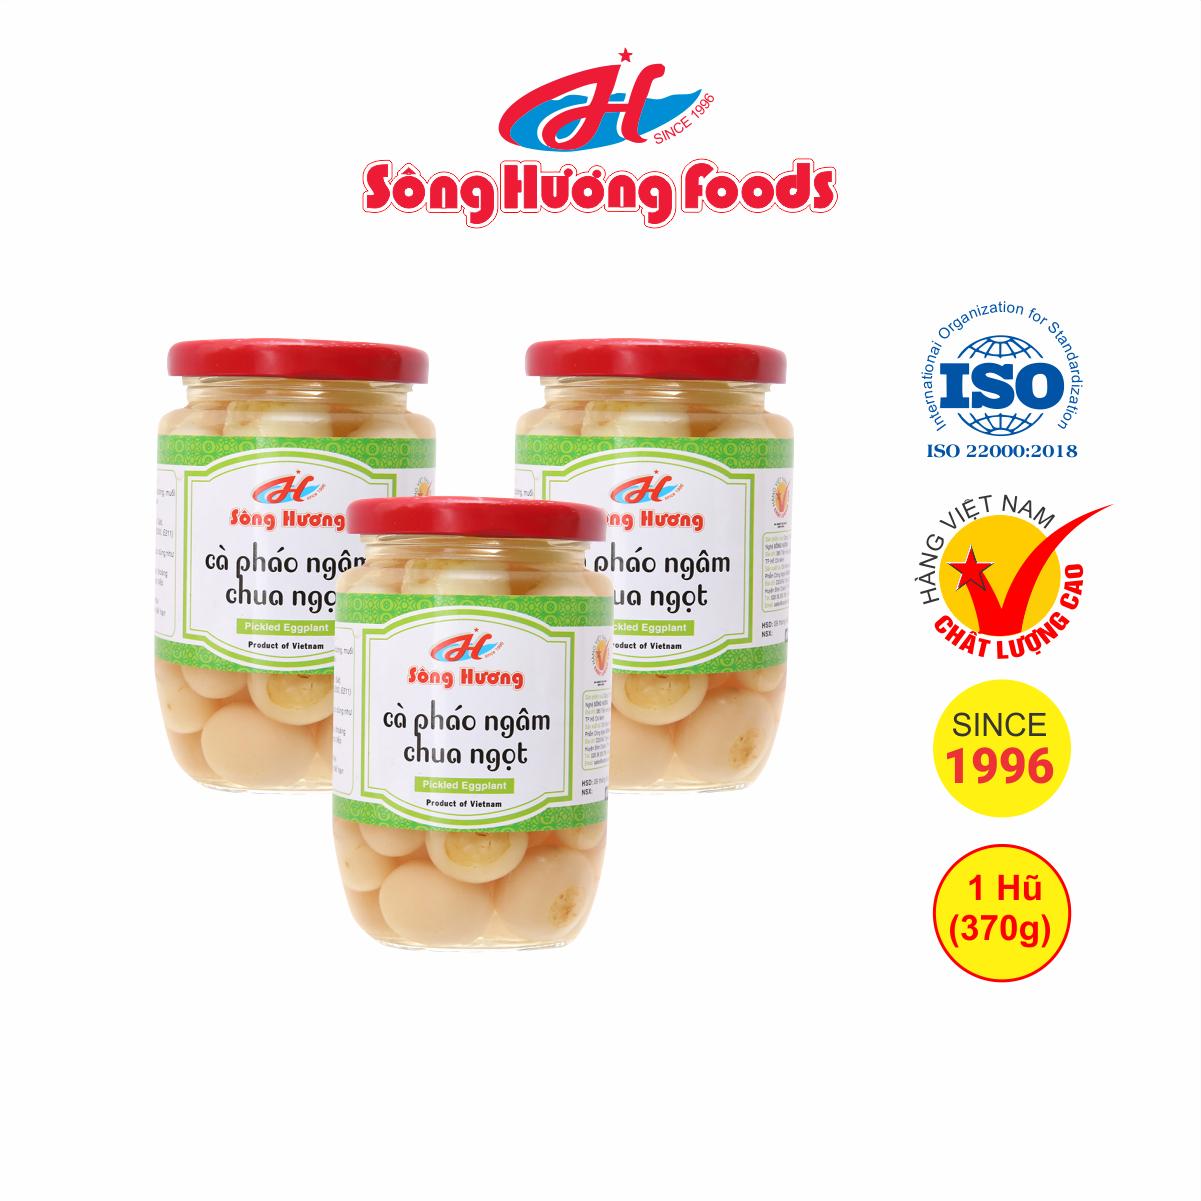 3 Hũ Cà Pháo Muối Ngâm Chua Ngọt Sông Hương Foods Hũ 370g